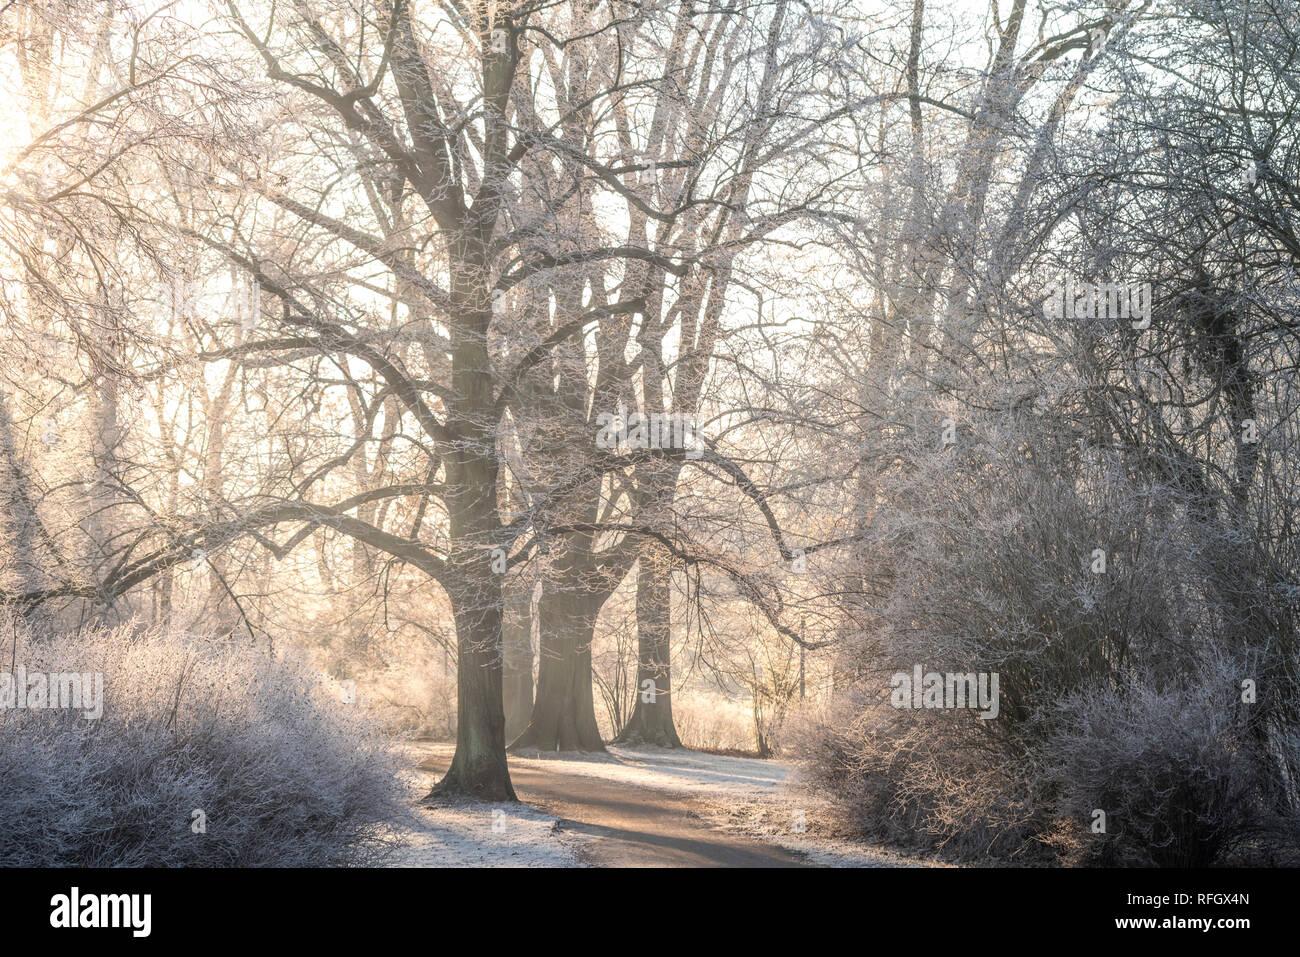 Frost in Leipzig, Morgenstimmung im Clara-Zetkin-Park bei aufgehendem Sonnenlicht und vereisten Bäumen - Stock Image